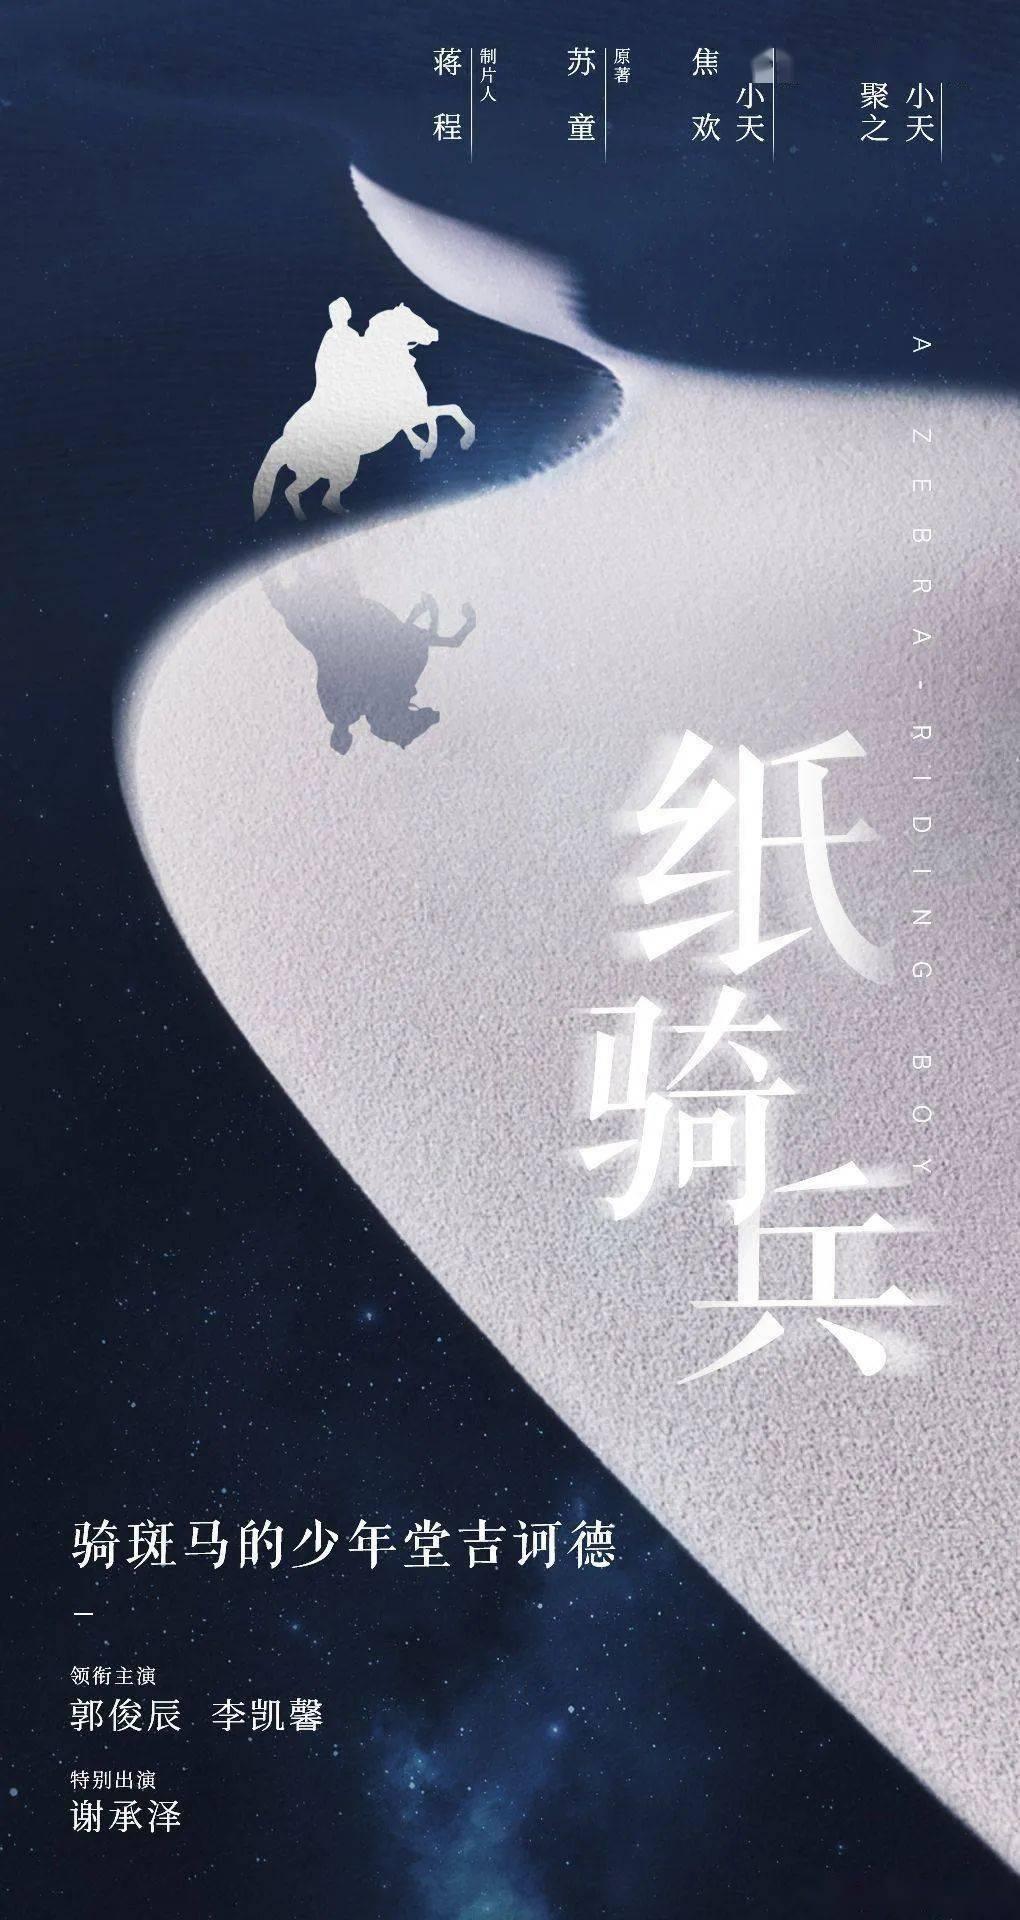 平遥大热电影《纸骑兵》男主,新世代潜力股?